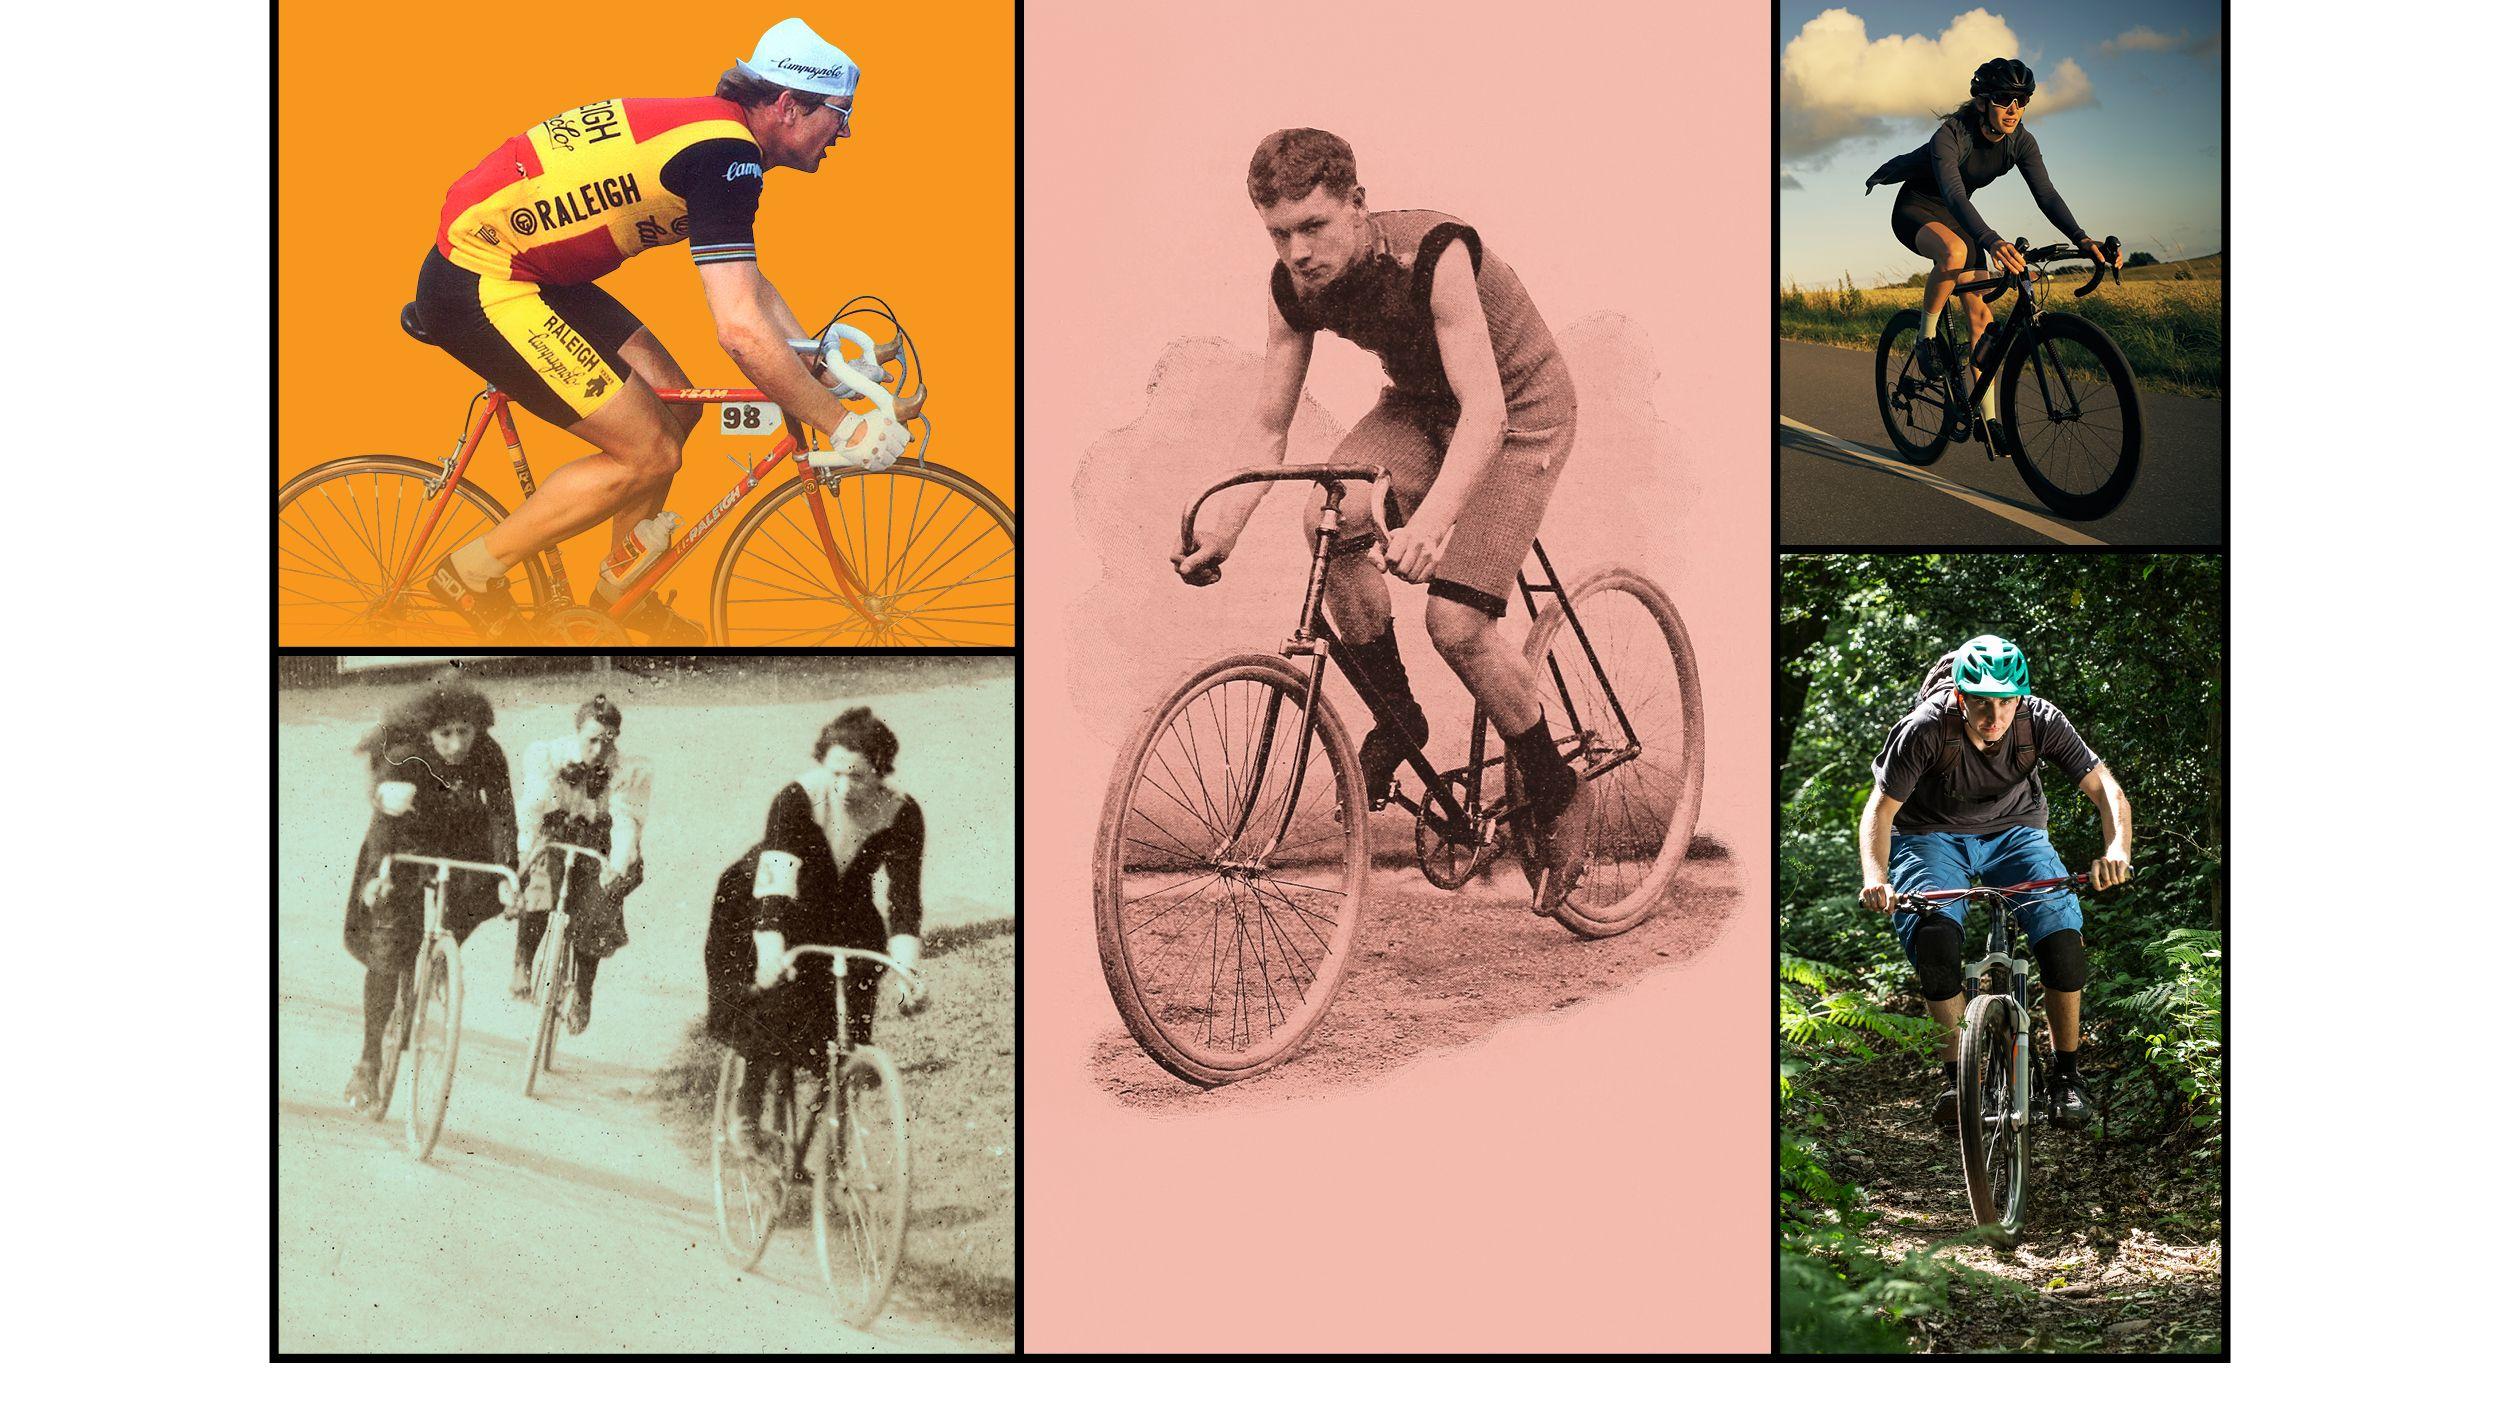 Brand New Team Ti Raleigh  cycling bib short,